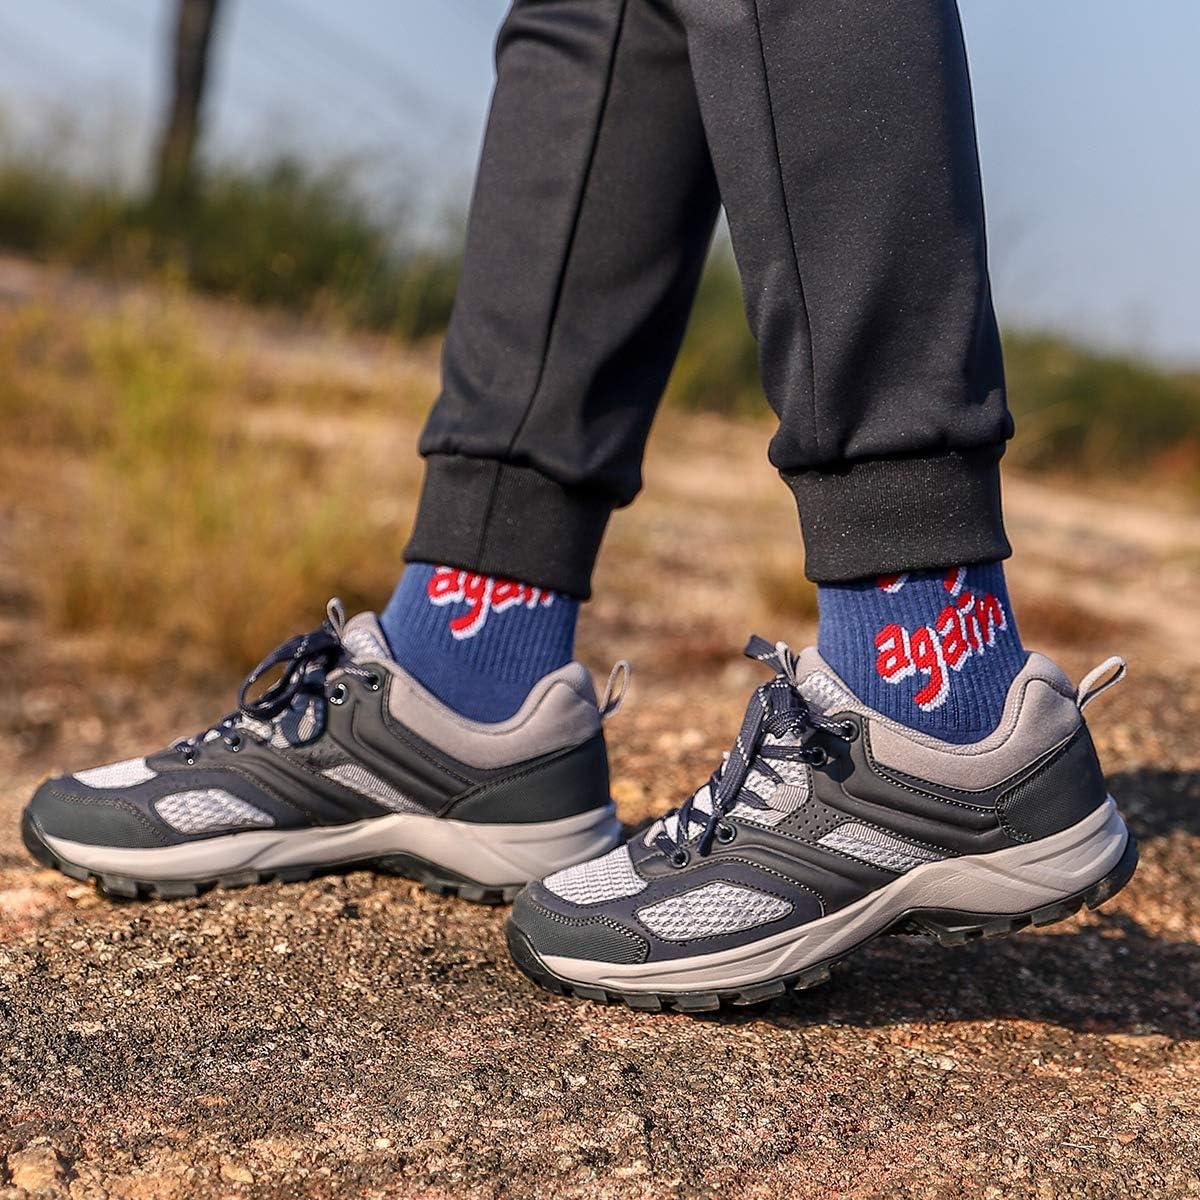 CAMEL CROWN Damen Wanderschuhe Atmungsaktiv Anti-Rutsch-Sohle Trekking-/& Wanderstiefel Leichte Damenschuhe Outdoor Sneaker Walkingschuhe Outdoorschuhe Laufschuhe Schwarz Rosa 37.5-42.5